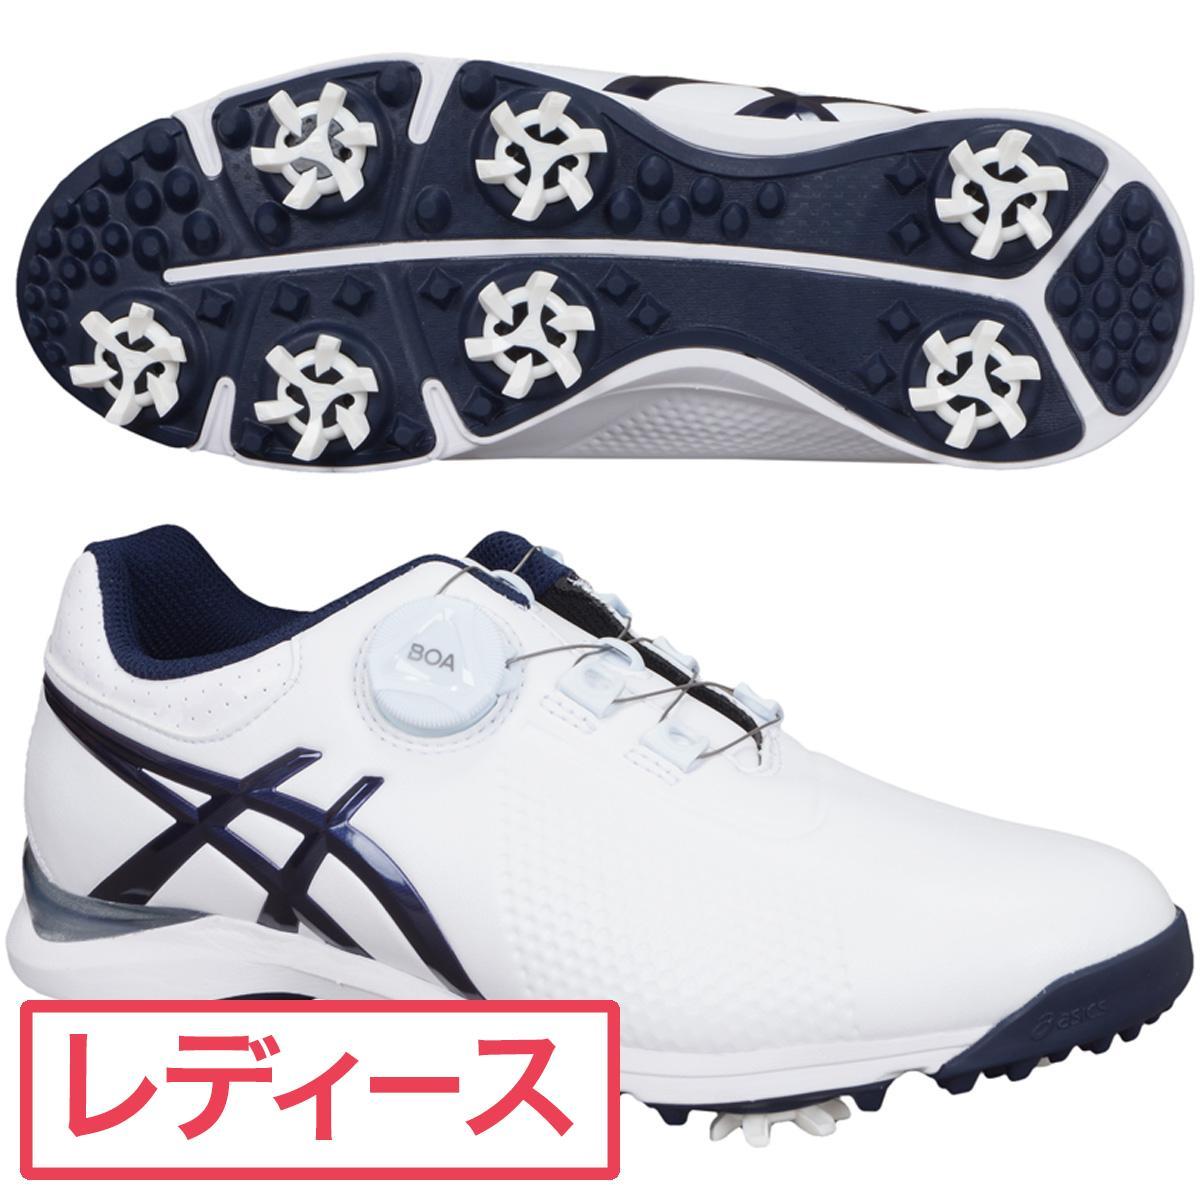 ー品販売  アシックス アシックス ASICS GOLF ゴルフシューズ レディス[ゴルフ用品 GOLF GDO シューズ 靴 通販 レディース 女性用 レディースシューズ スポーツシューズ おしゃれ スポーツ用品 通販 ], おもちゃやspiral:e8722aa9 --- studd.xyz